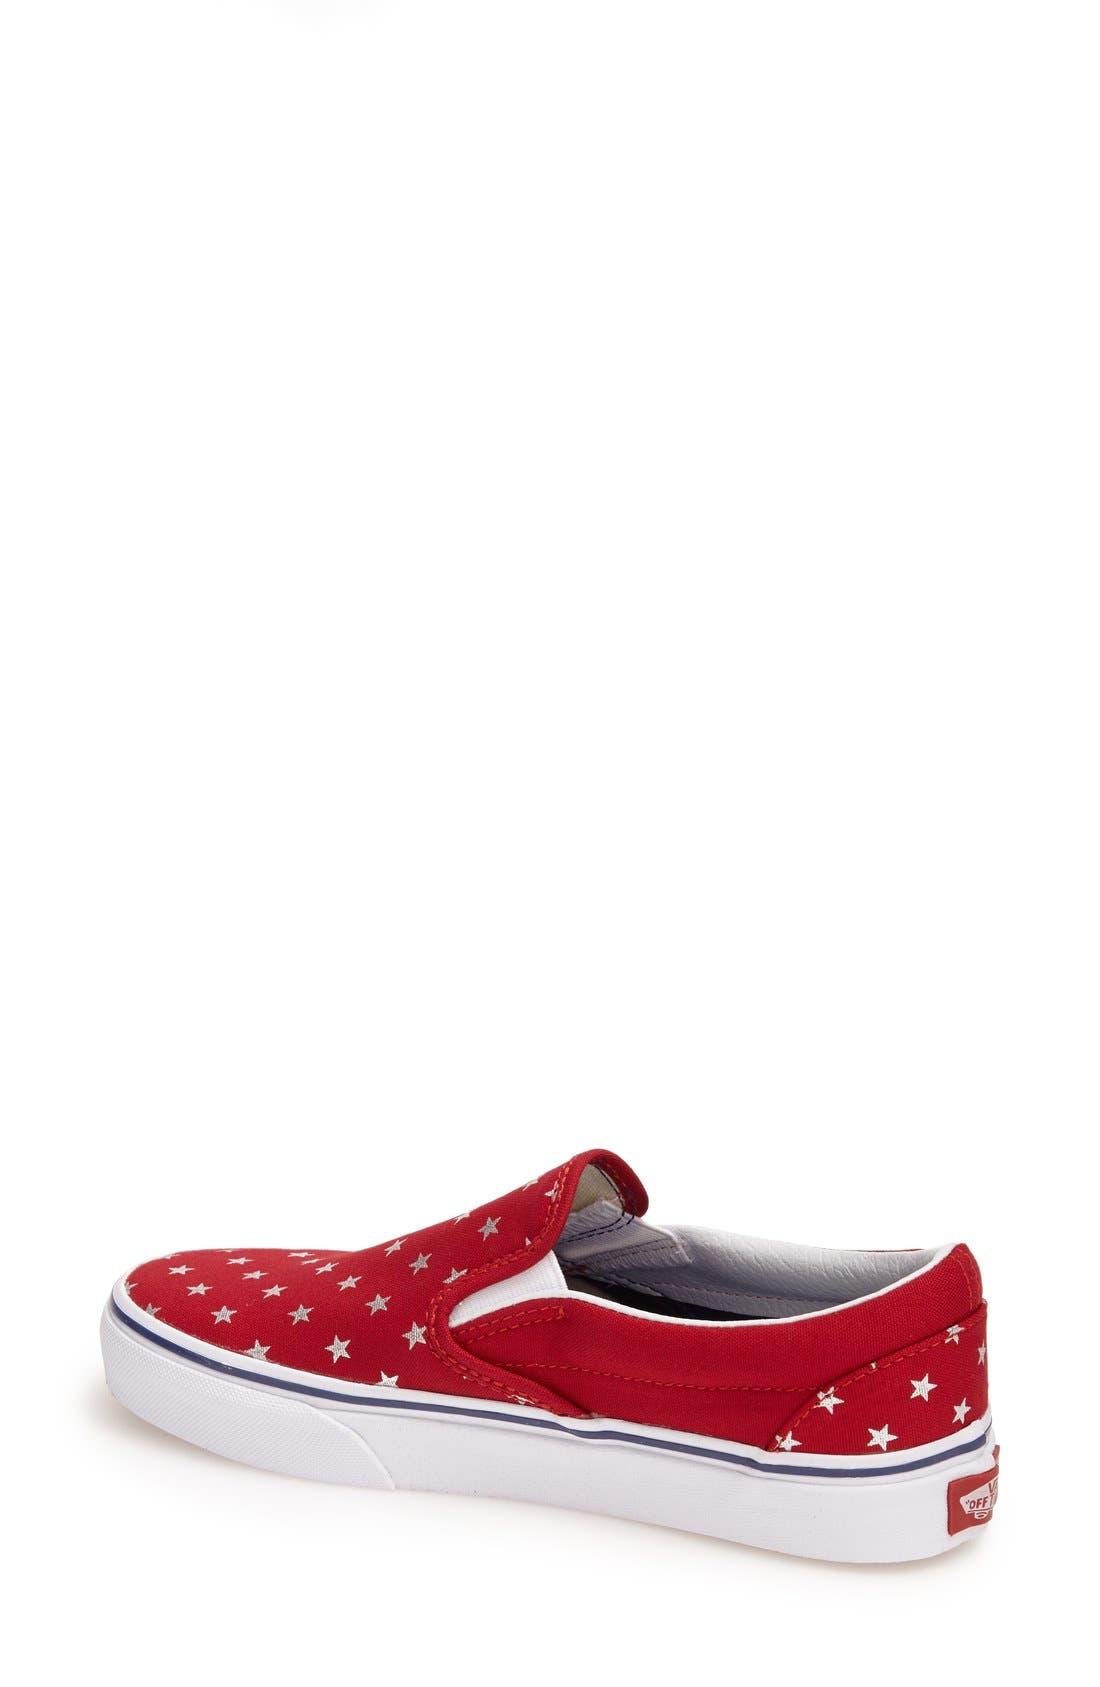 Alternate Image 2  - Vans 'Classic - Stars' Slip-On Sneaker (Women)